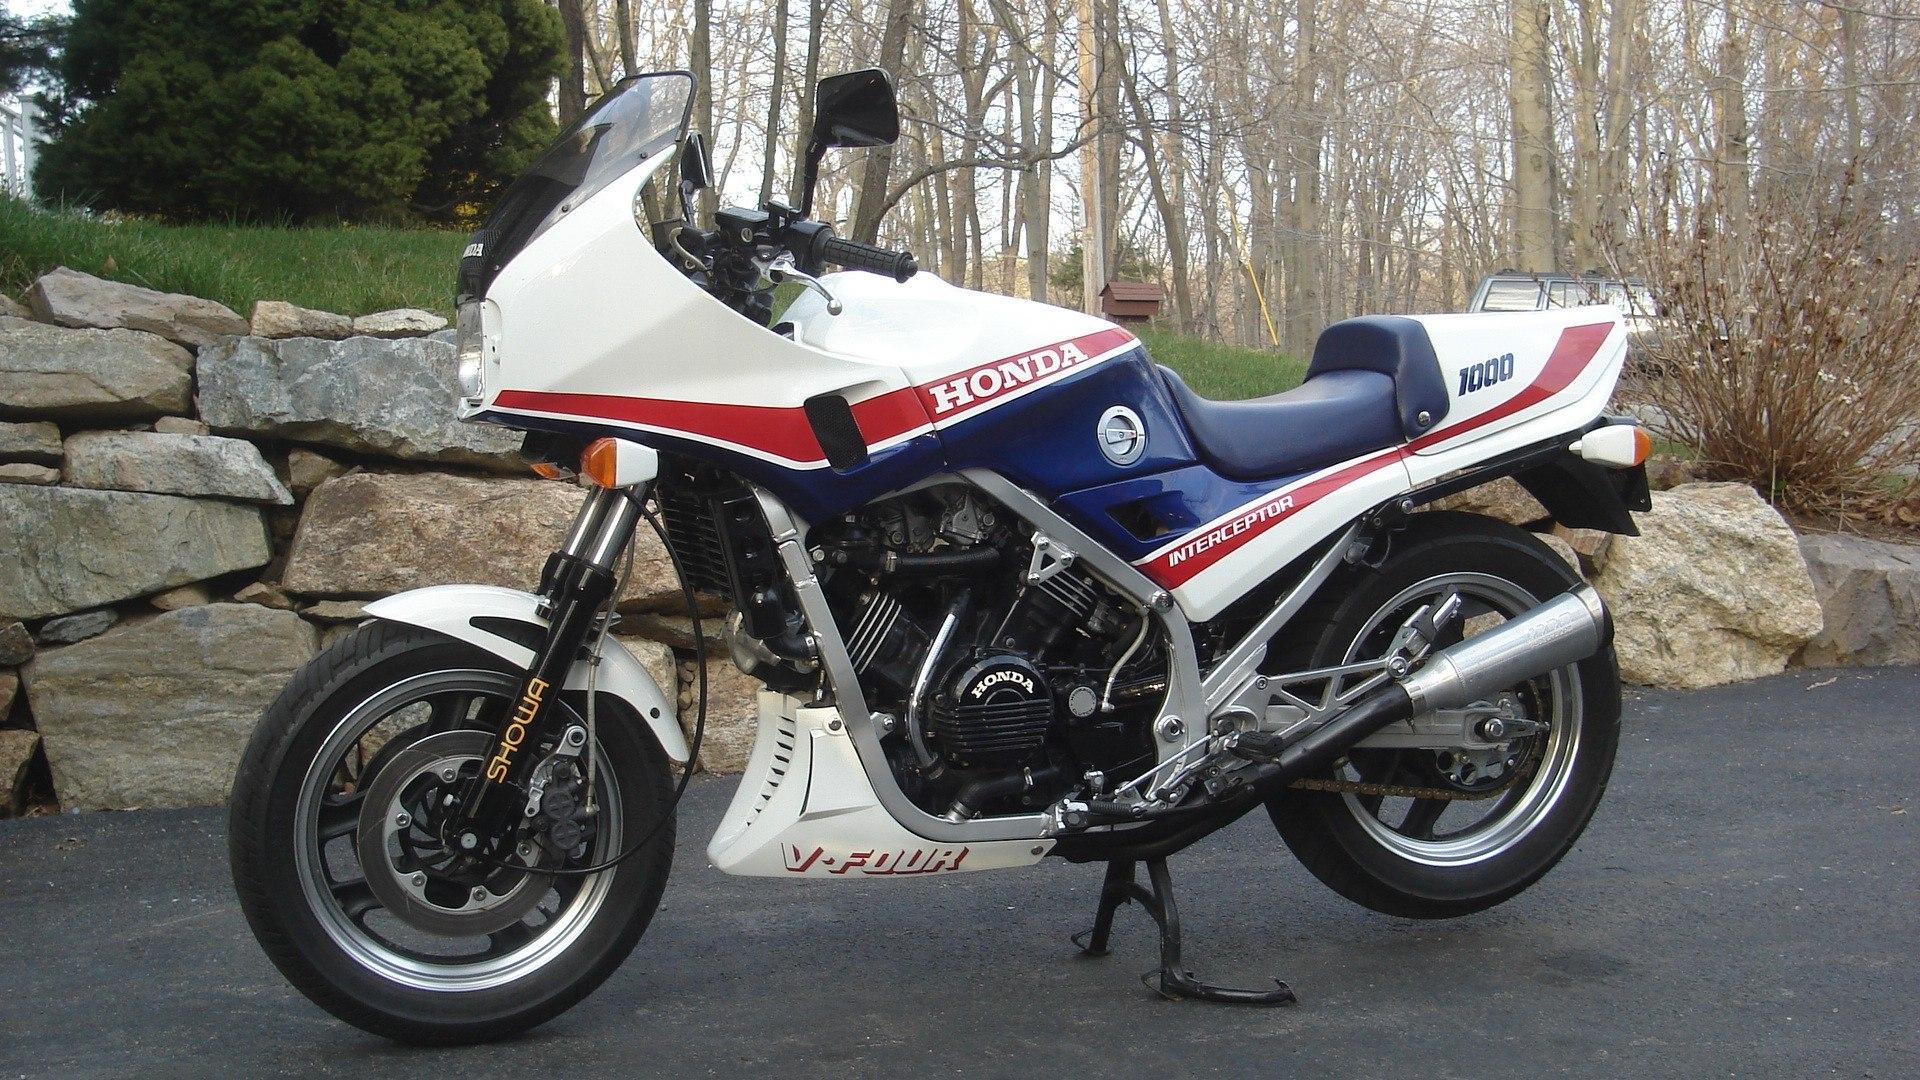 Honda VF1000 | VF1000.com